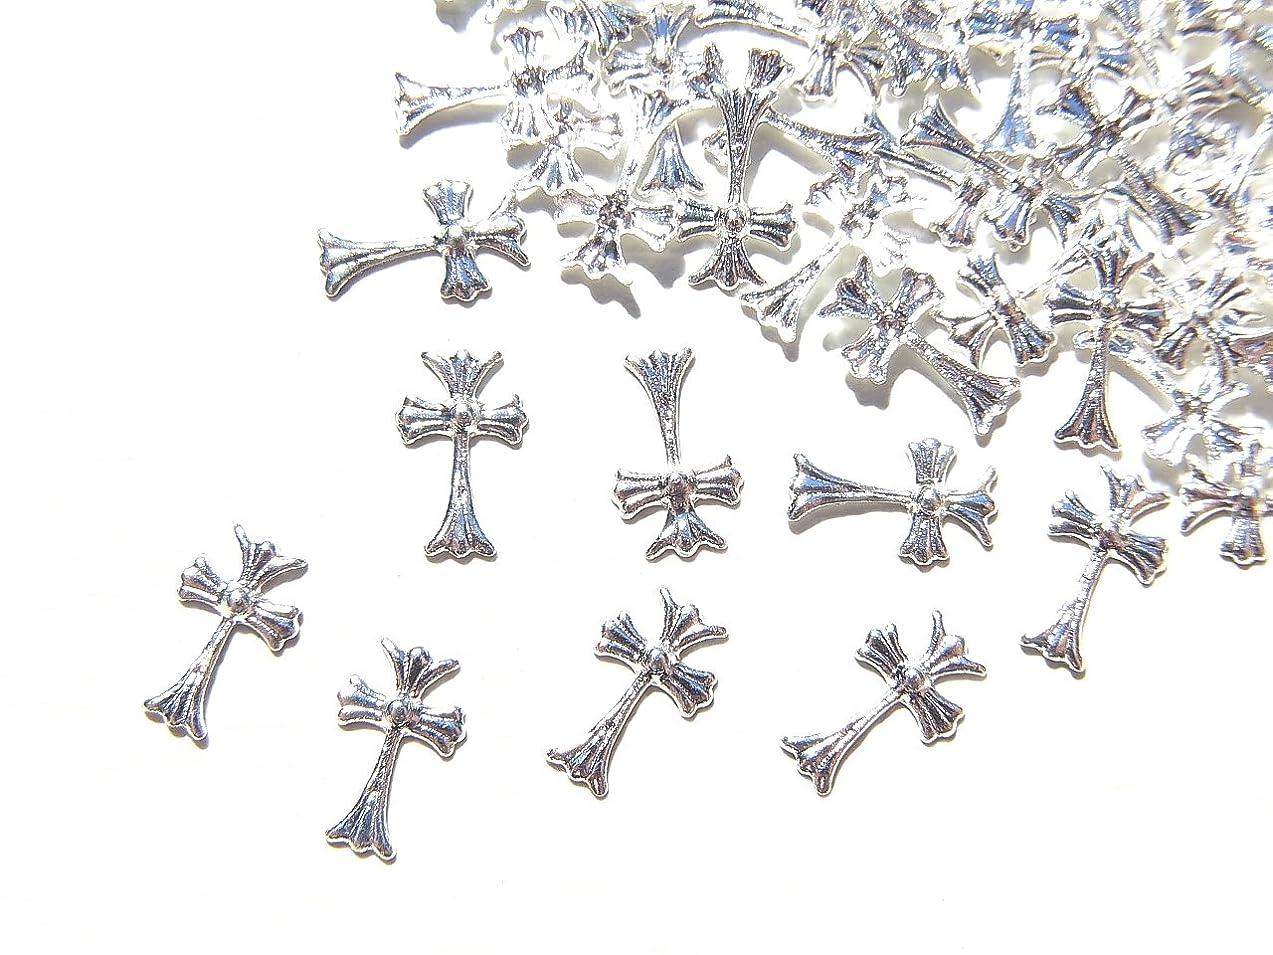 移動アナウンサーおとこ【jewel】シルバー メタルパーツ クロス (十字架) 10個入り 6mm×3.5mm 手芸 材料 レジン ネイルアート パーツ 素材